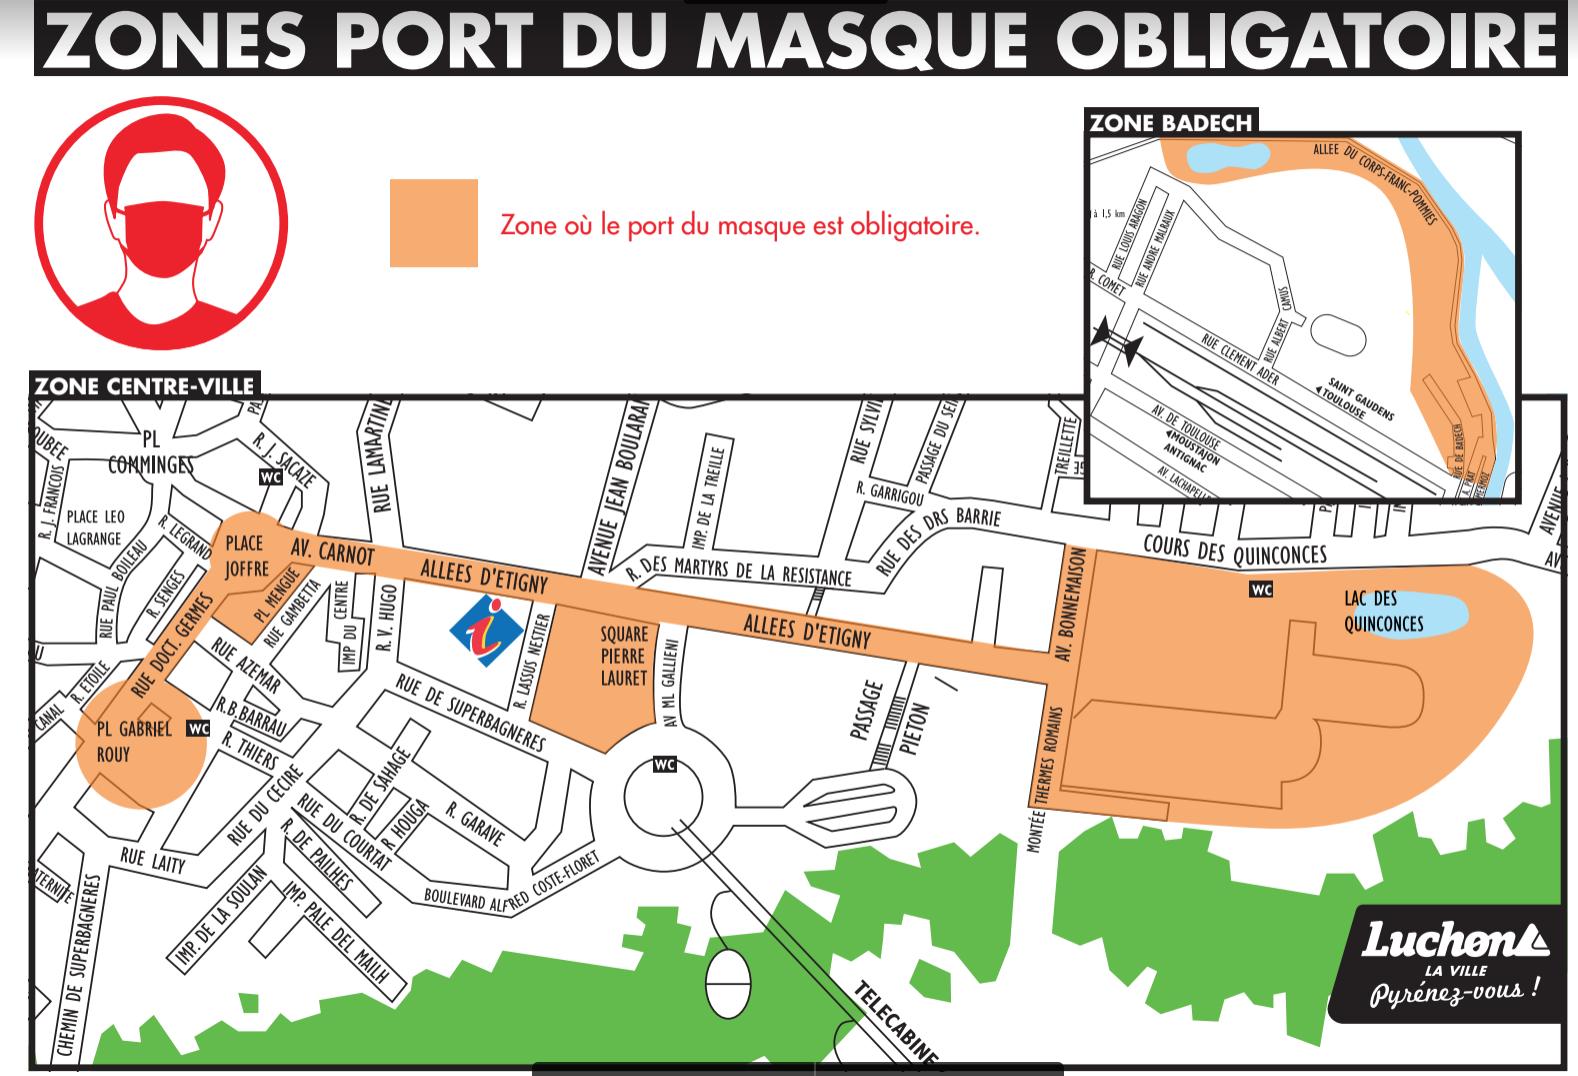 Port du masque obligatoire à Luchon dès ce jeudi : découvrez les zones concernées par la mesure